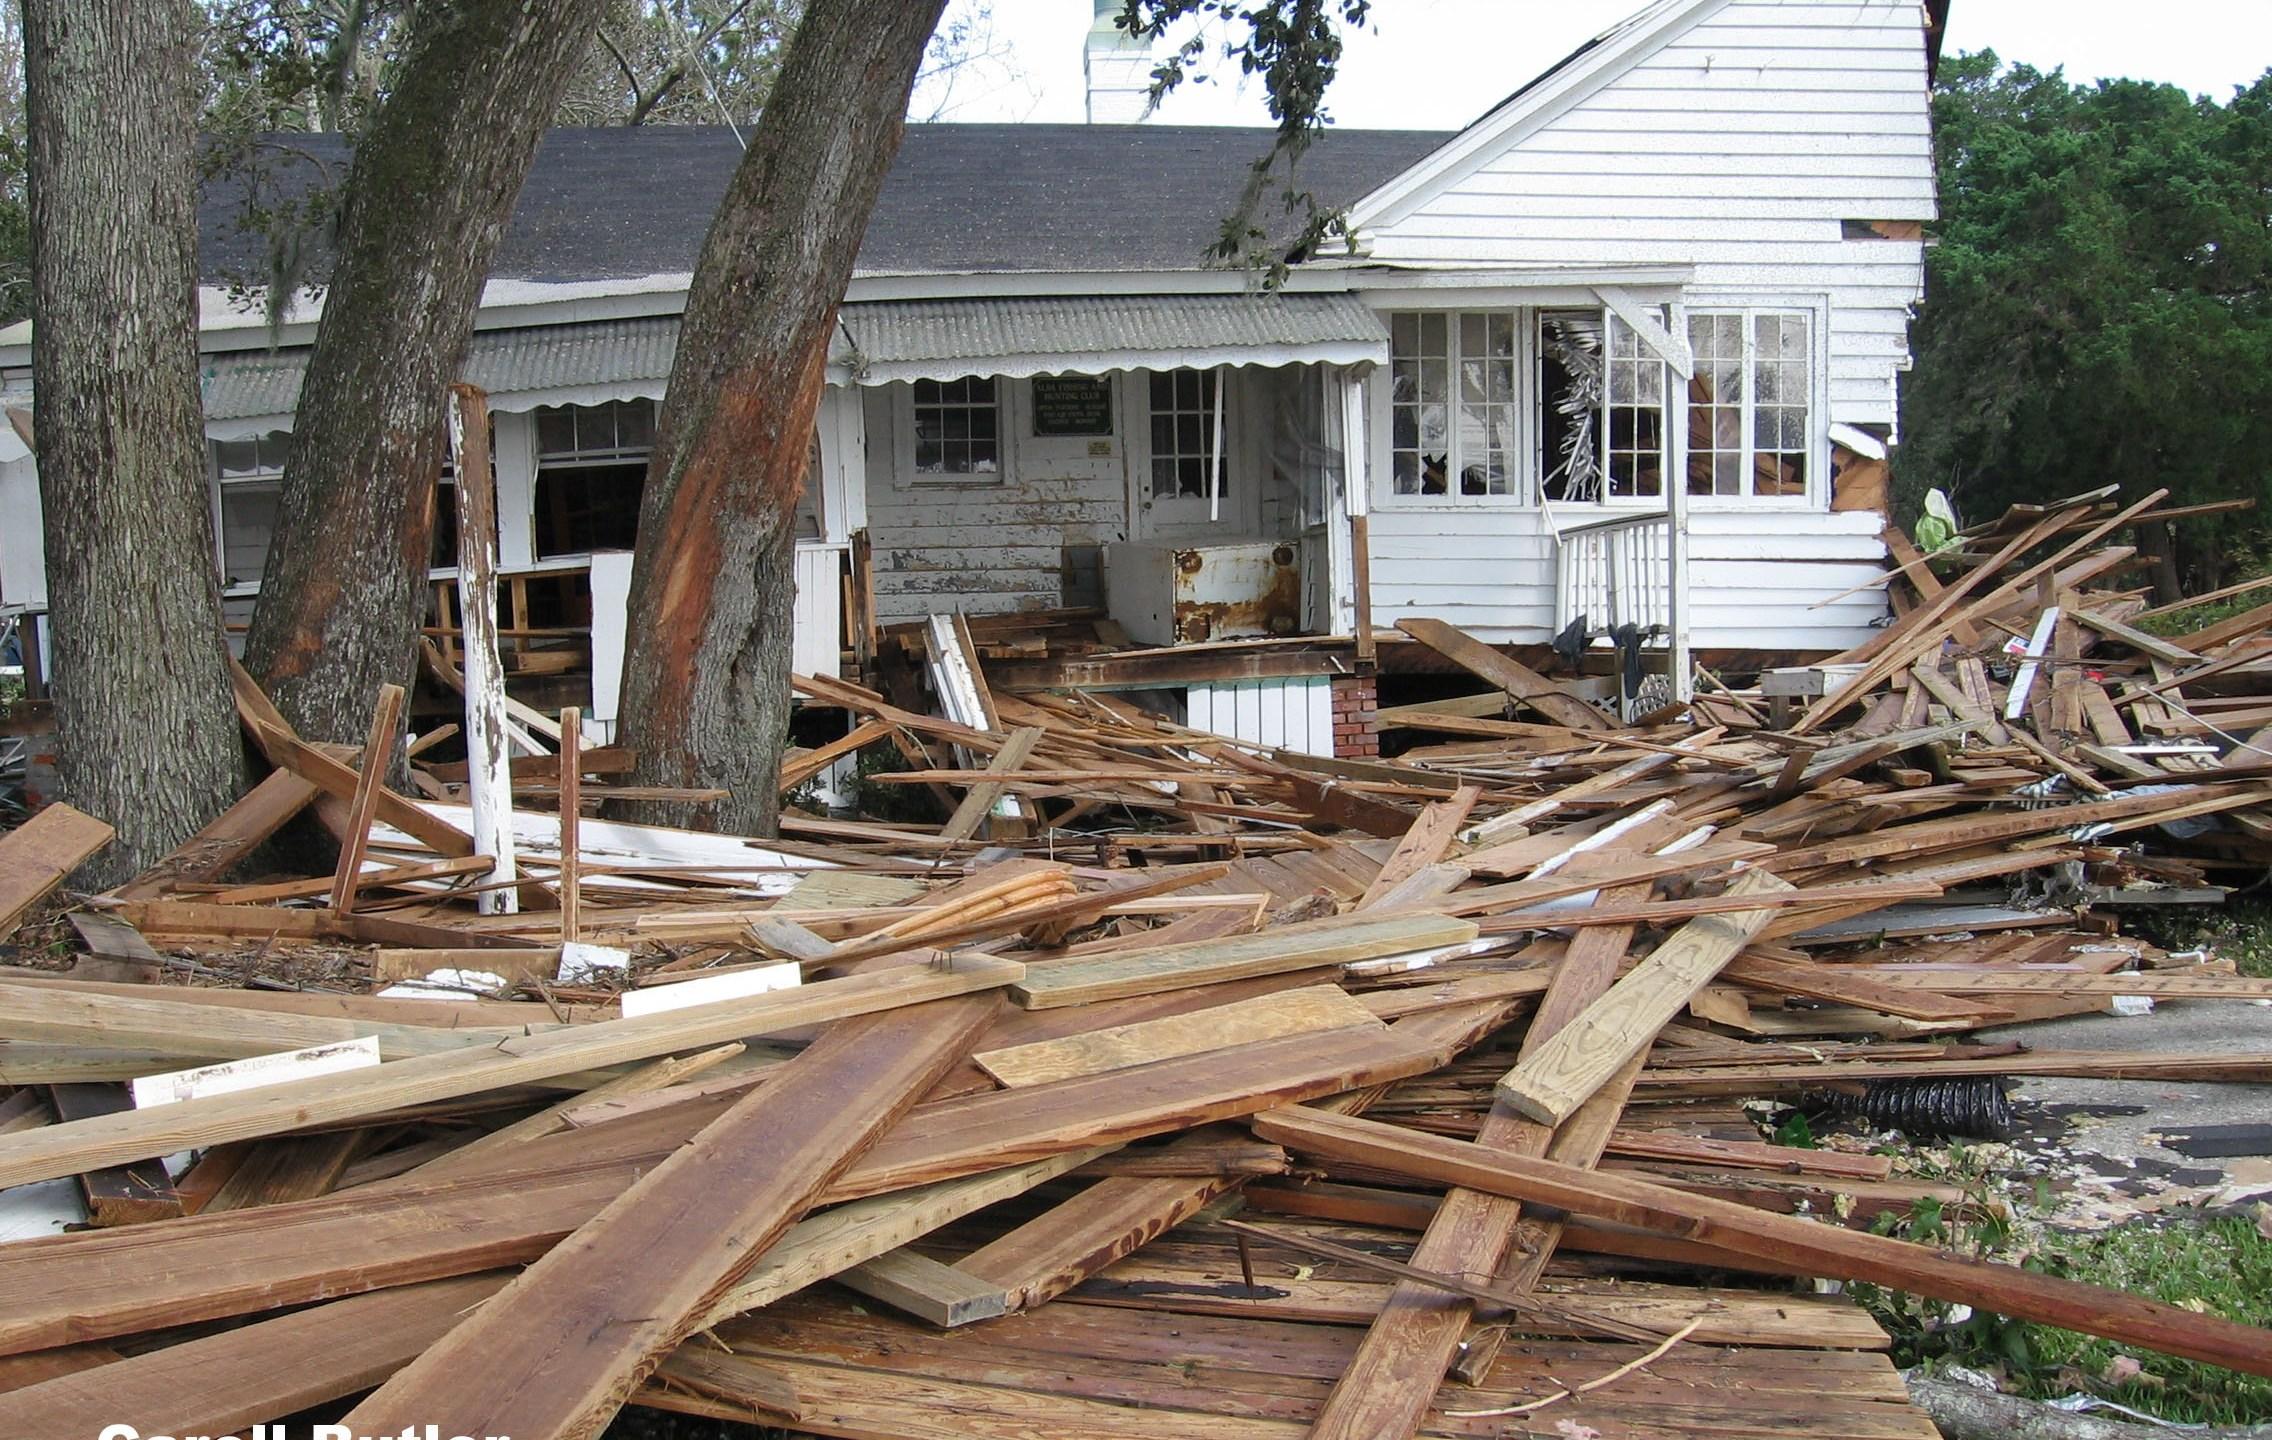 Hurricane Katrina by Caroll Butler_1516394989778.jpg.jpg